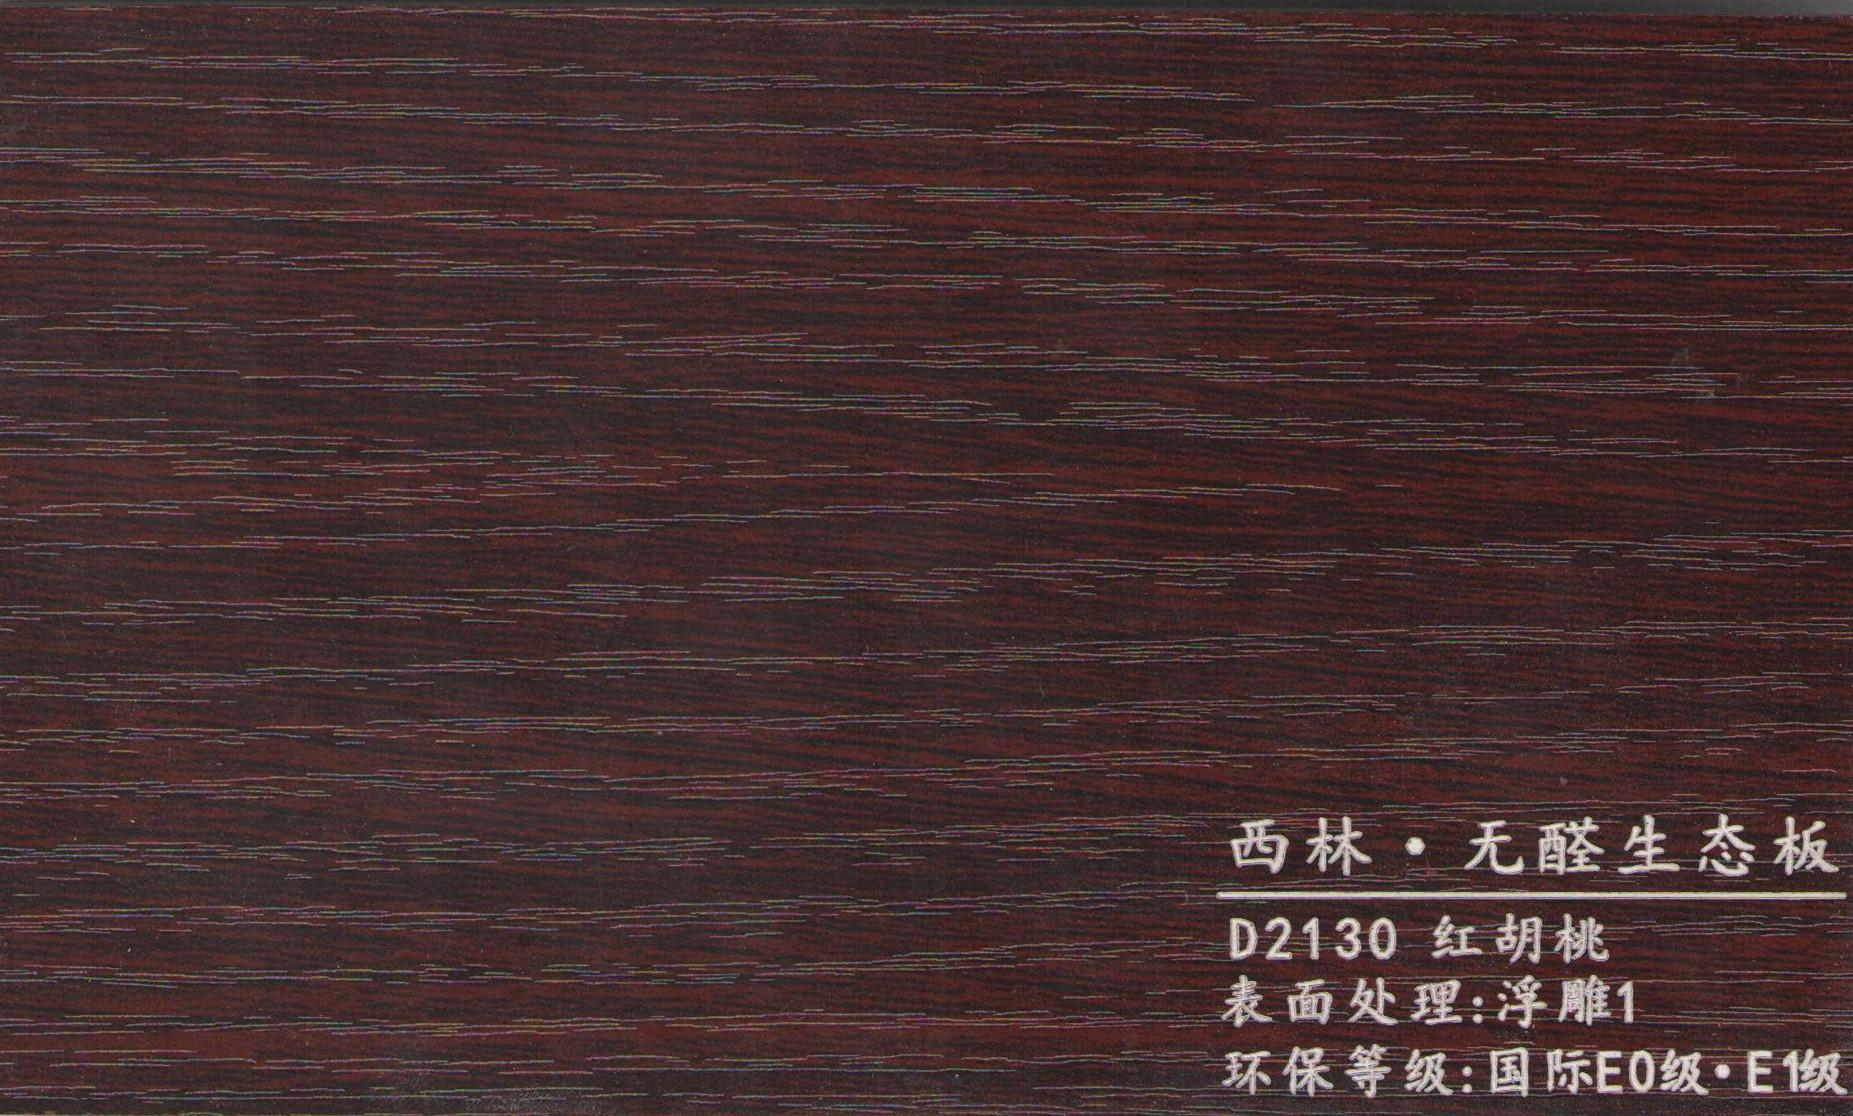 西林 D2130红胡桃